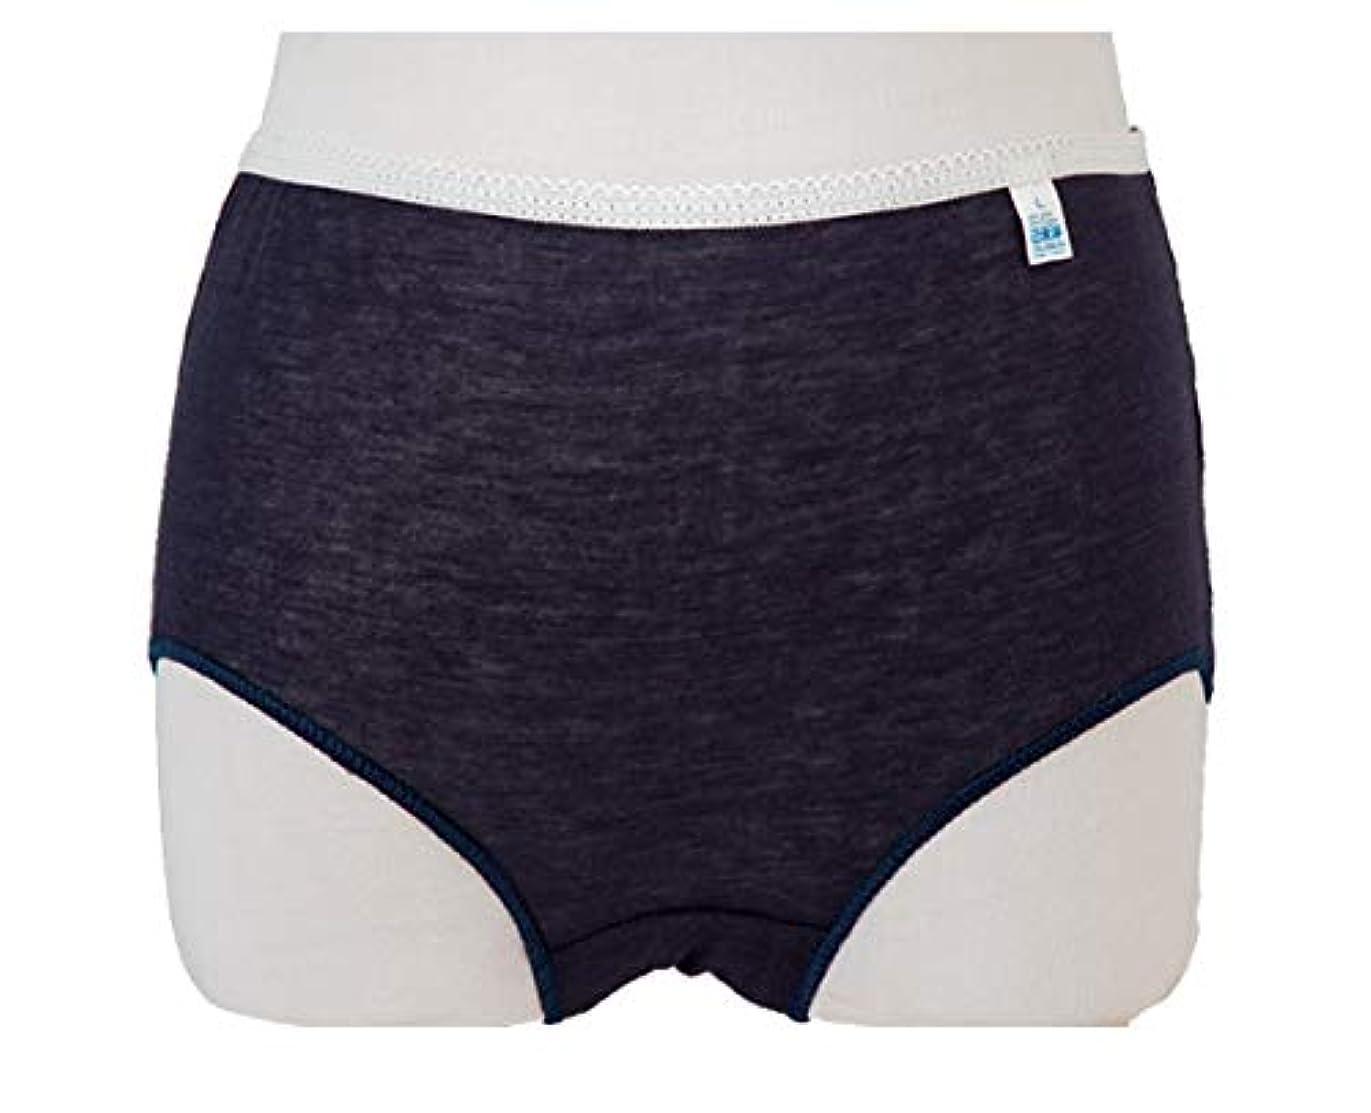 壊すパッチ大いに高級布ショーツ(クリーニング済み)10枚 布パンツ 布ショーツ 布 パンツ ショーツ エステサロン